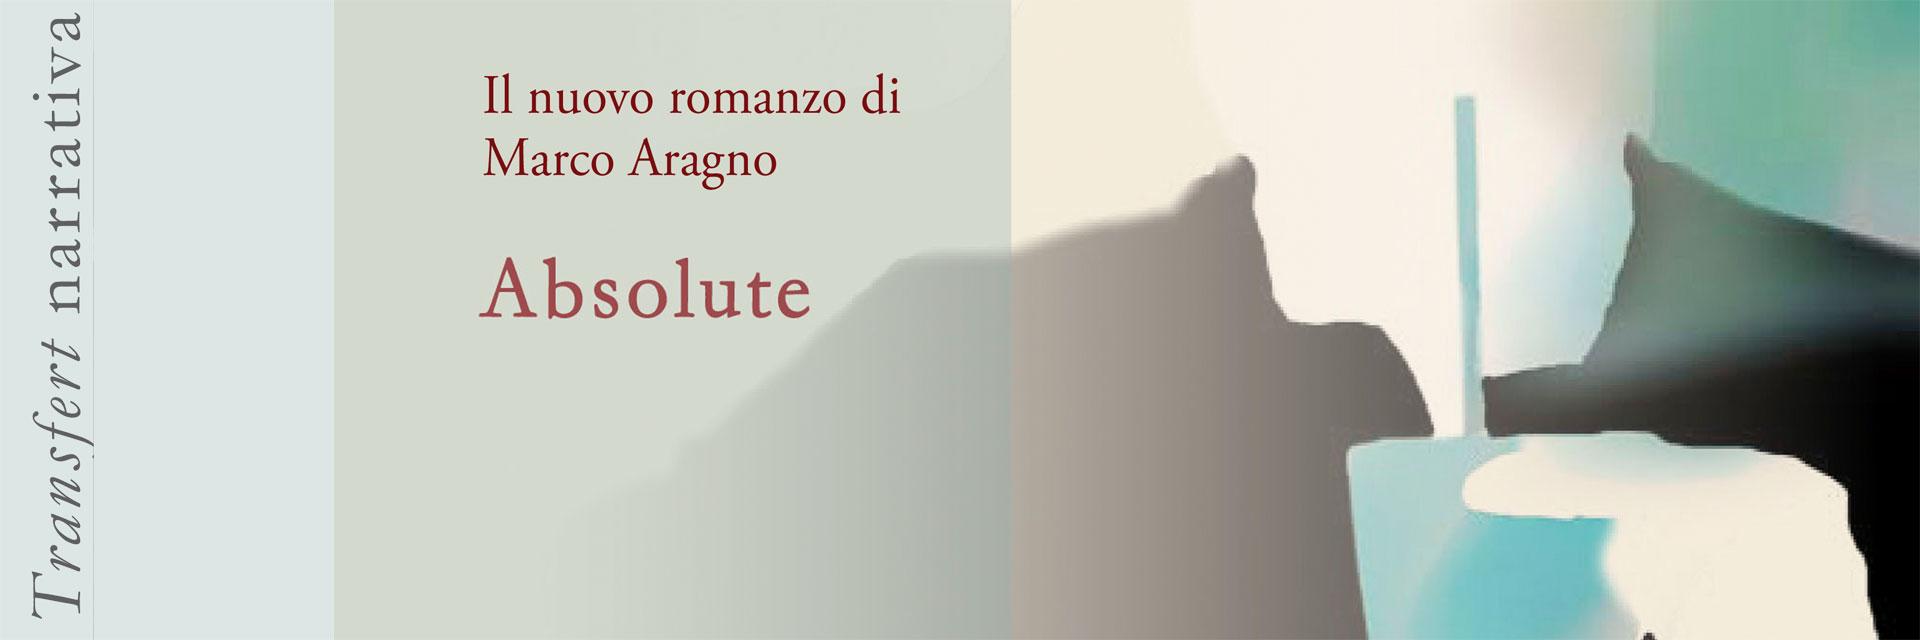 Absolute-il-nuovo-romanzo-di-Marco-Aragno